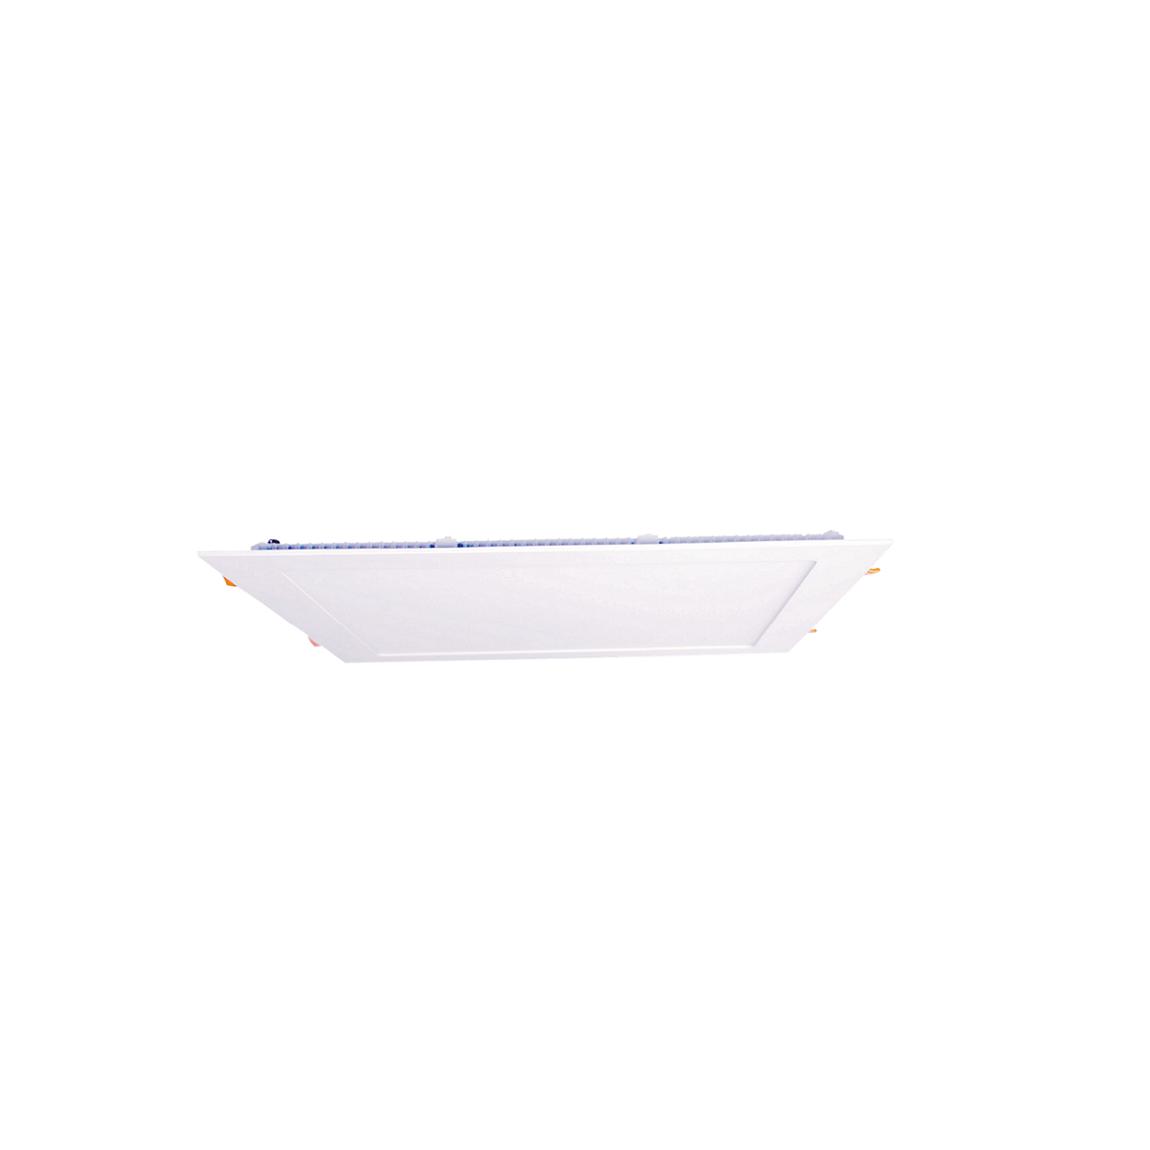 LW-SAAKP09 - 9 Watt Sıva Altı Kare LED Panel Armatür